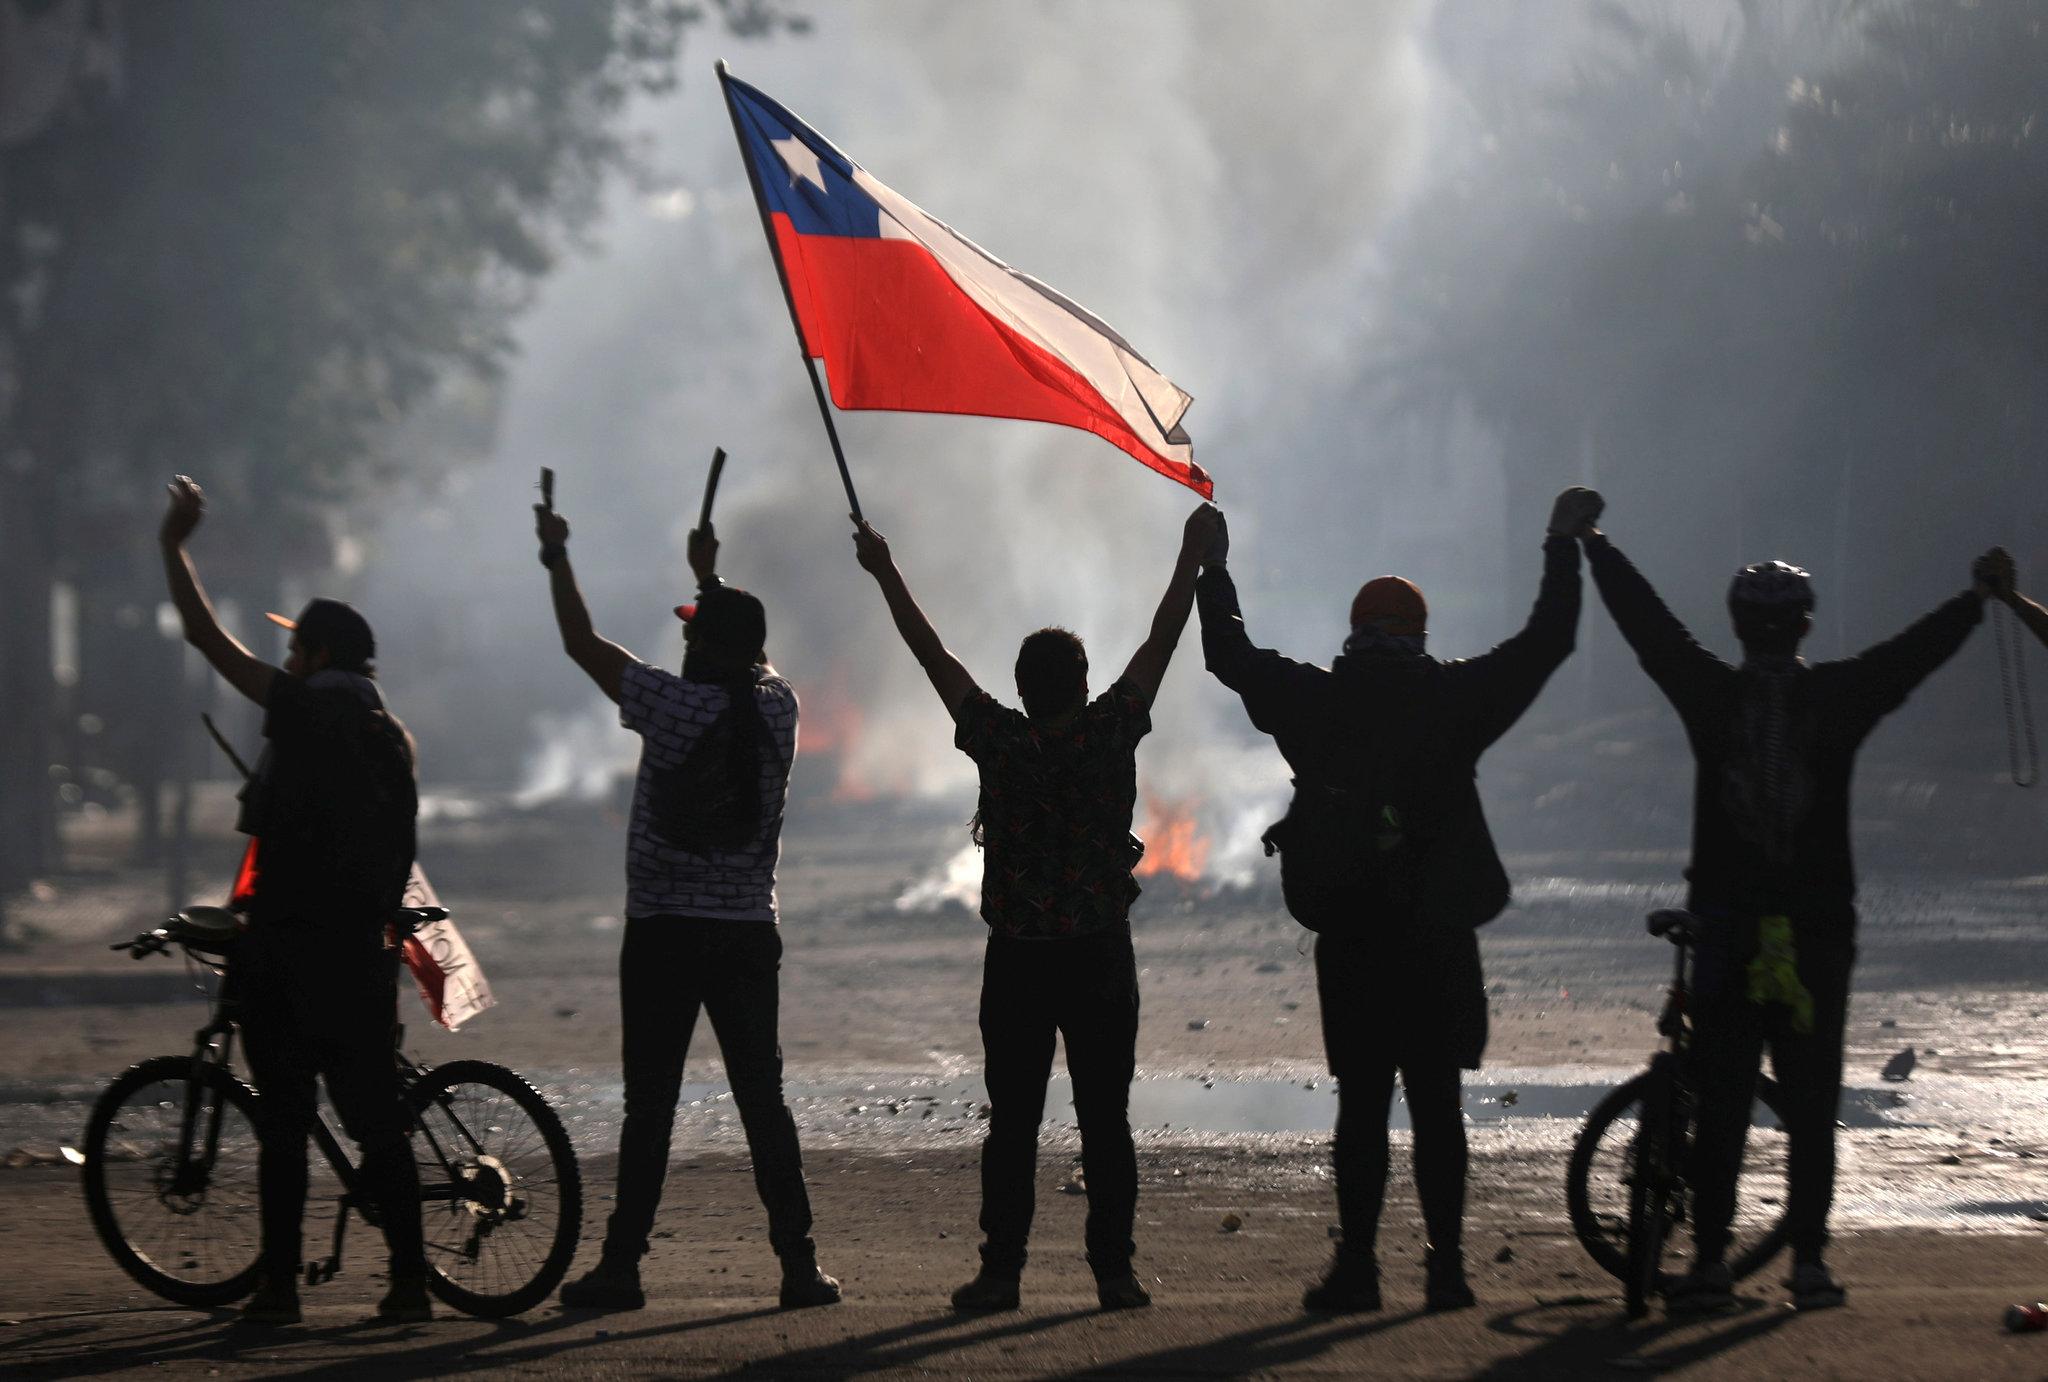 Sobre el problema de la Patria: convivir desde el arraigo. Por Alex Ibarra Peña